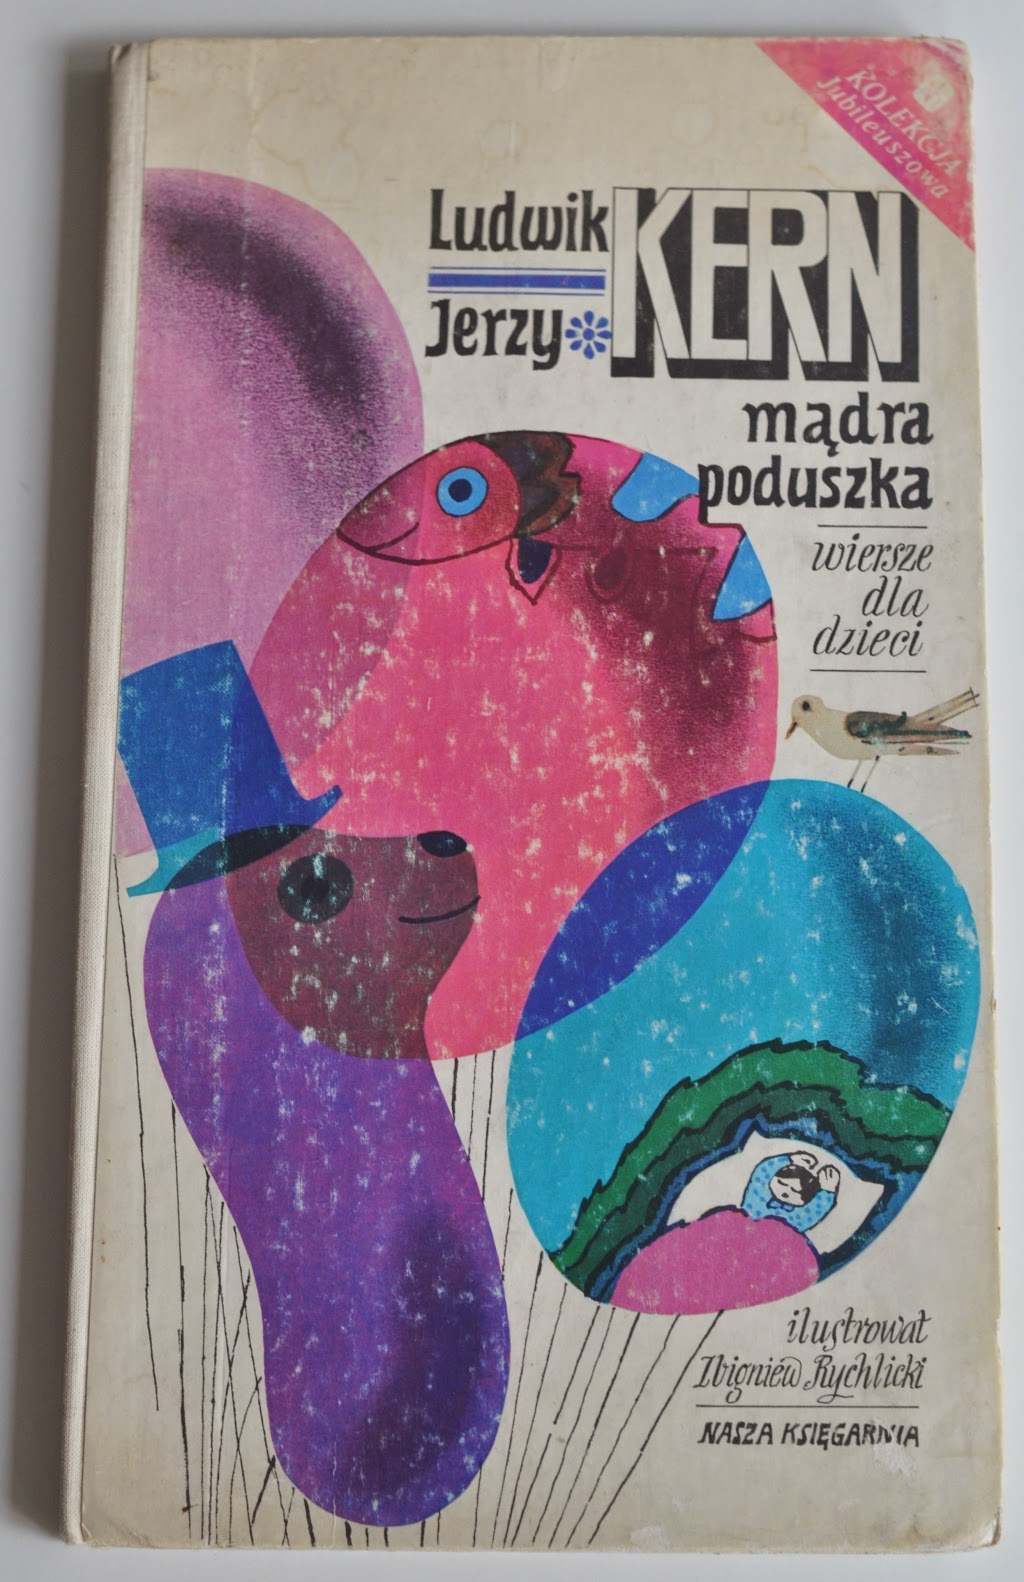 Miłośnik Zwierząt I Abstrakcji Mądra Poduszka Ludwik